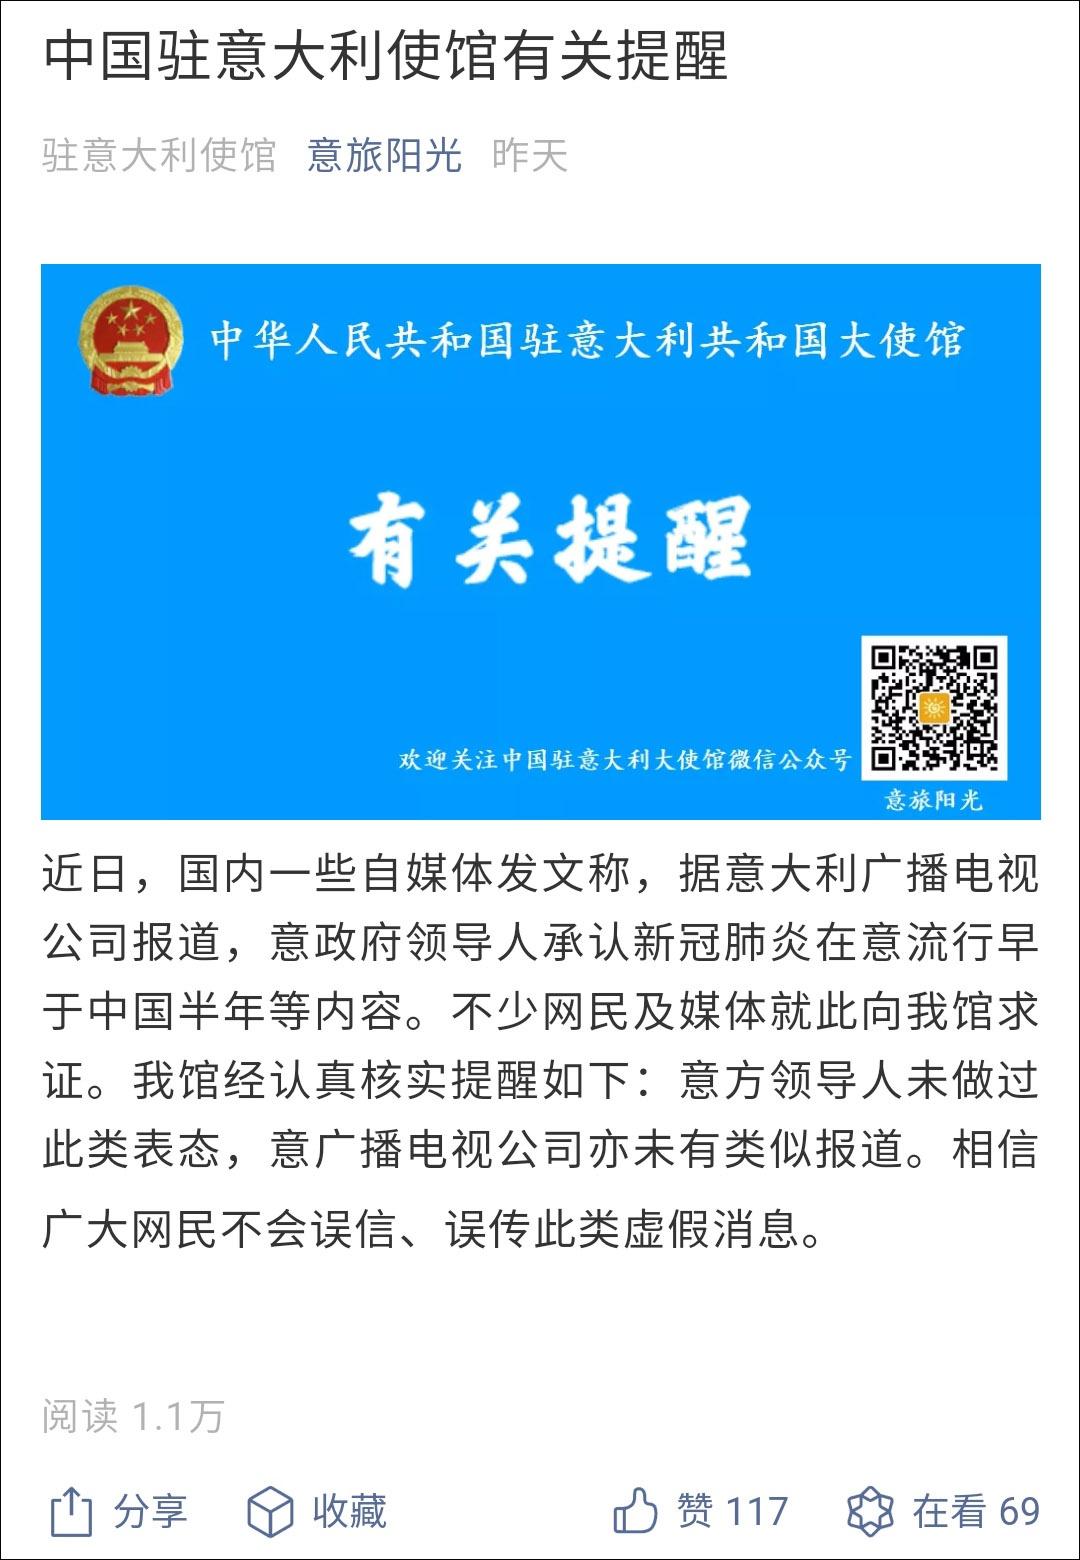 中国驻意大利使馆微信公众号截图